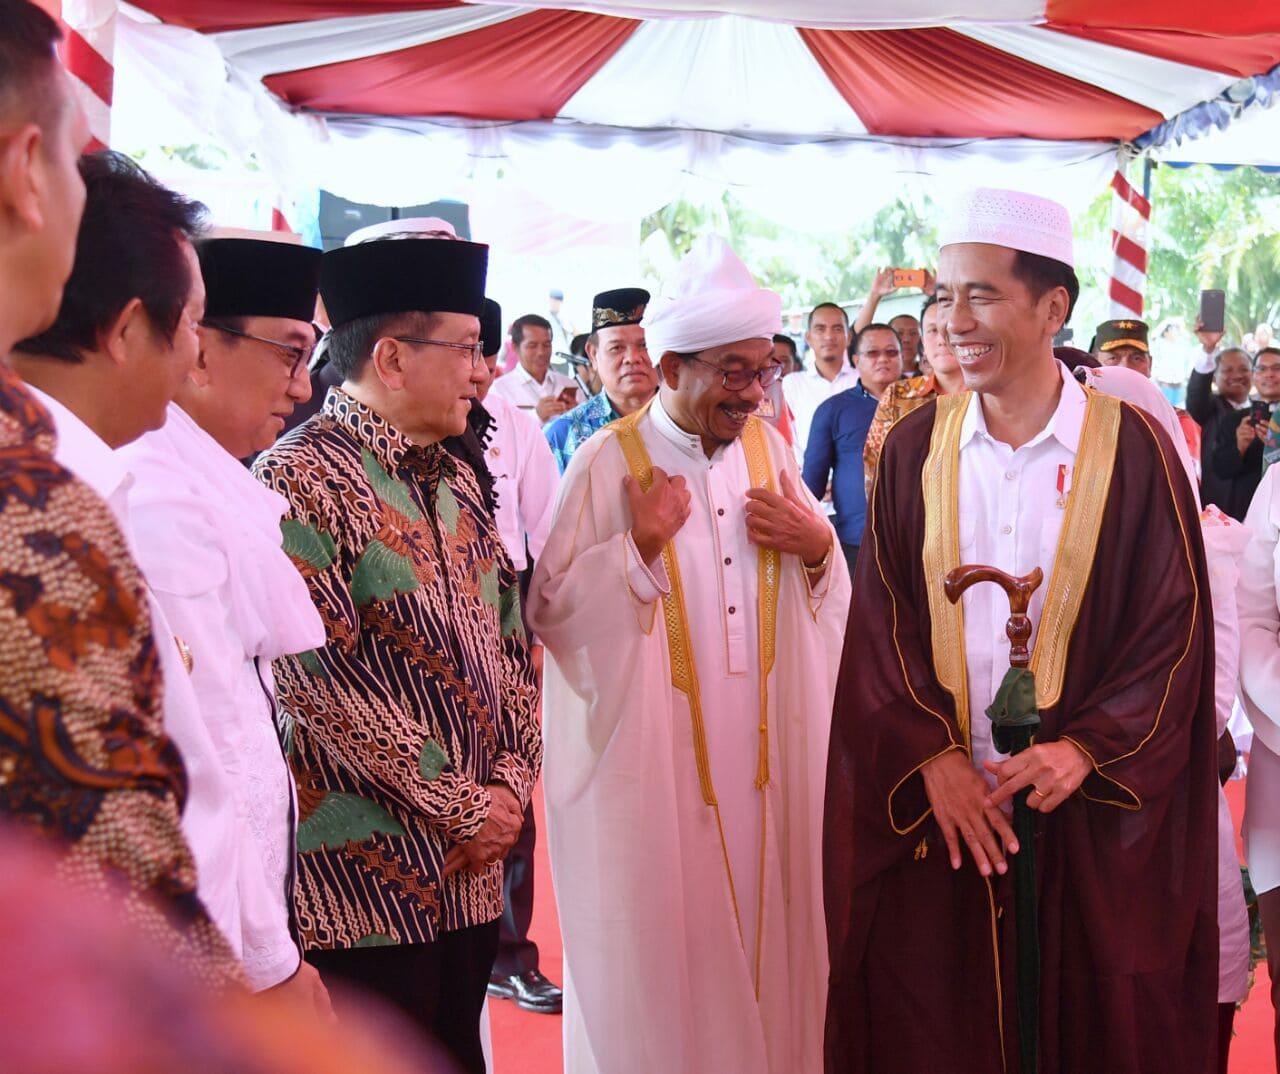 Presiden Jokowi saat meresmikan Tugu Titik Nol Pusat Peradaban Islam Nusantara, yang ada di Kelurahan Pasar Baru Gerigis, Kecamatan Barus, Kabupaten Tapanuli Tengah, Sumatera Utara (Sumut), Jumat (24/3). (Foto: BPMI)